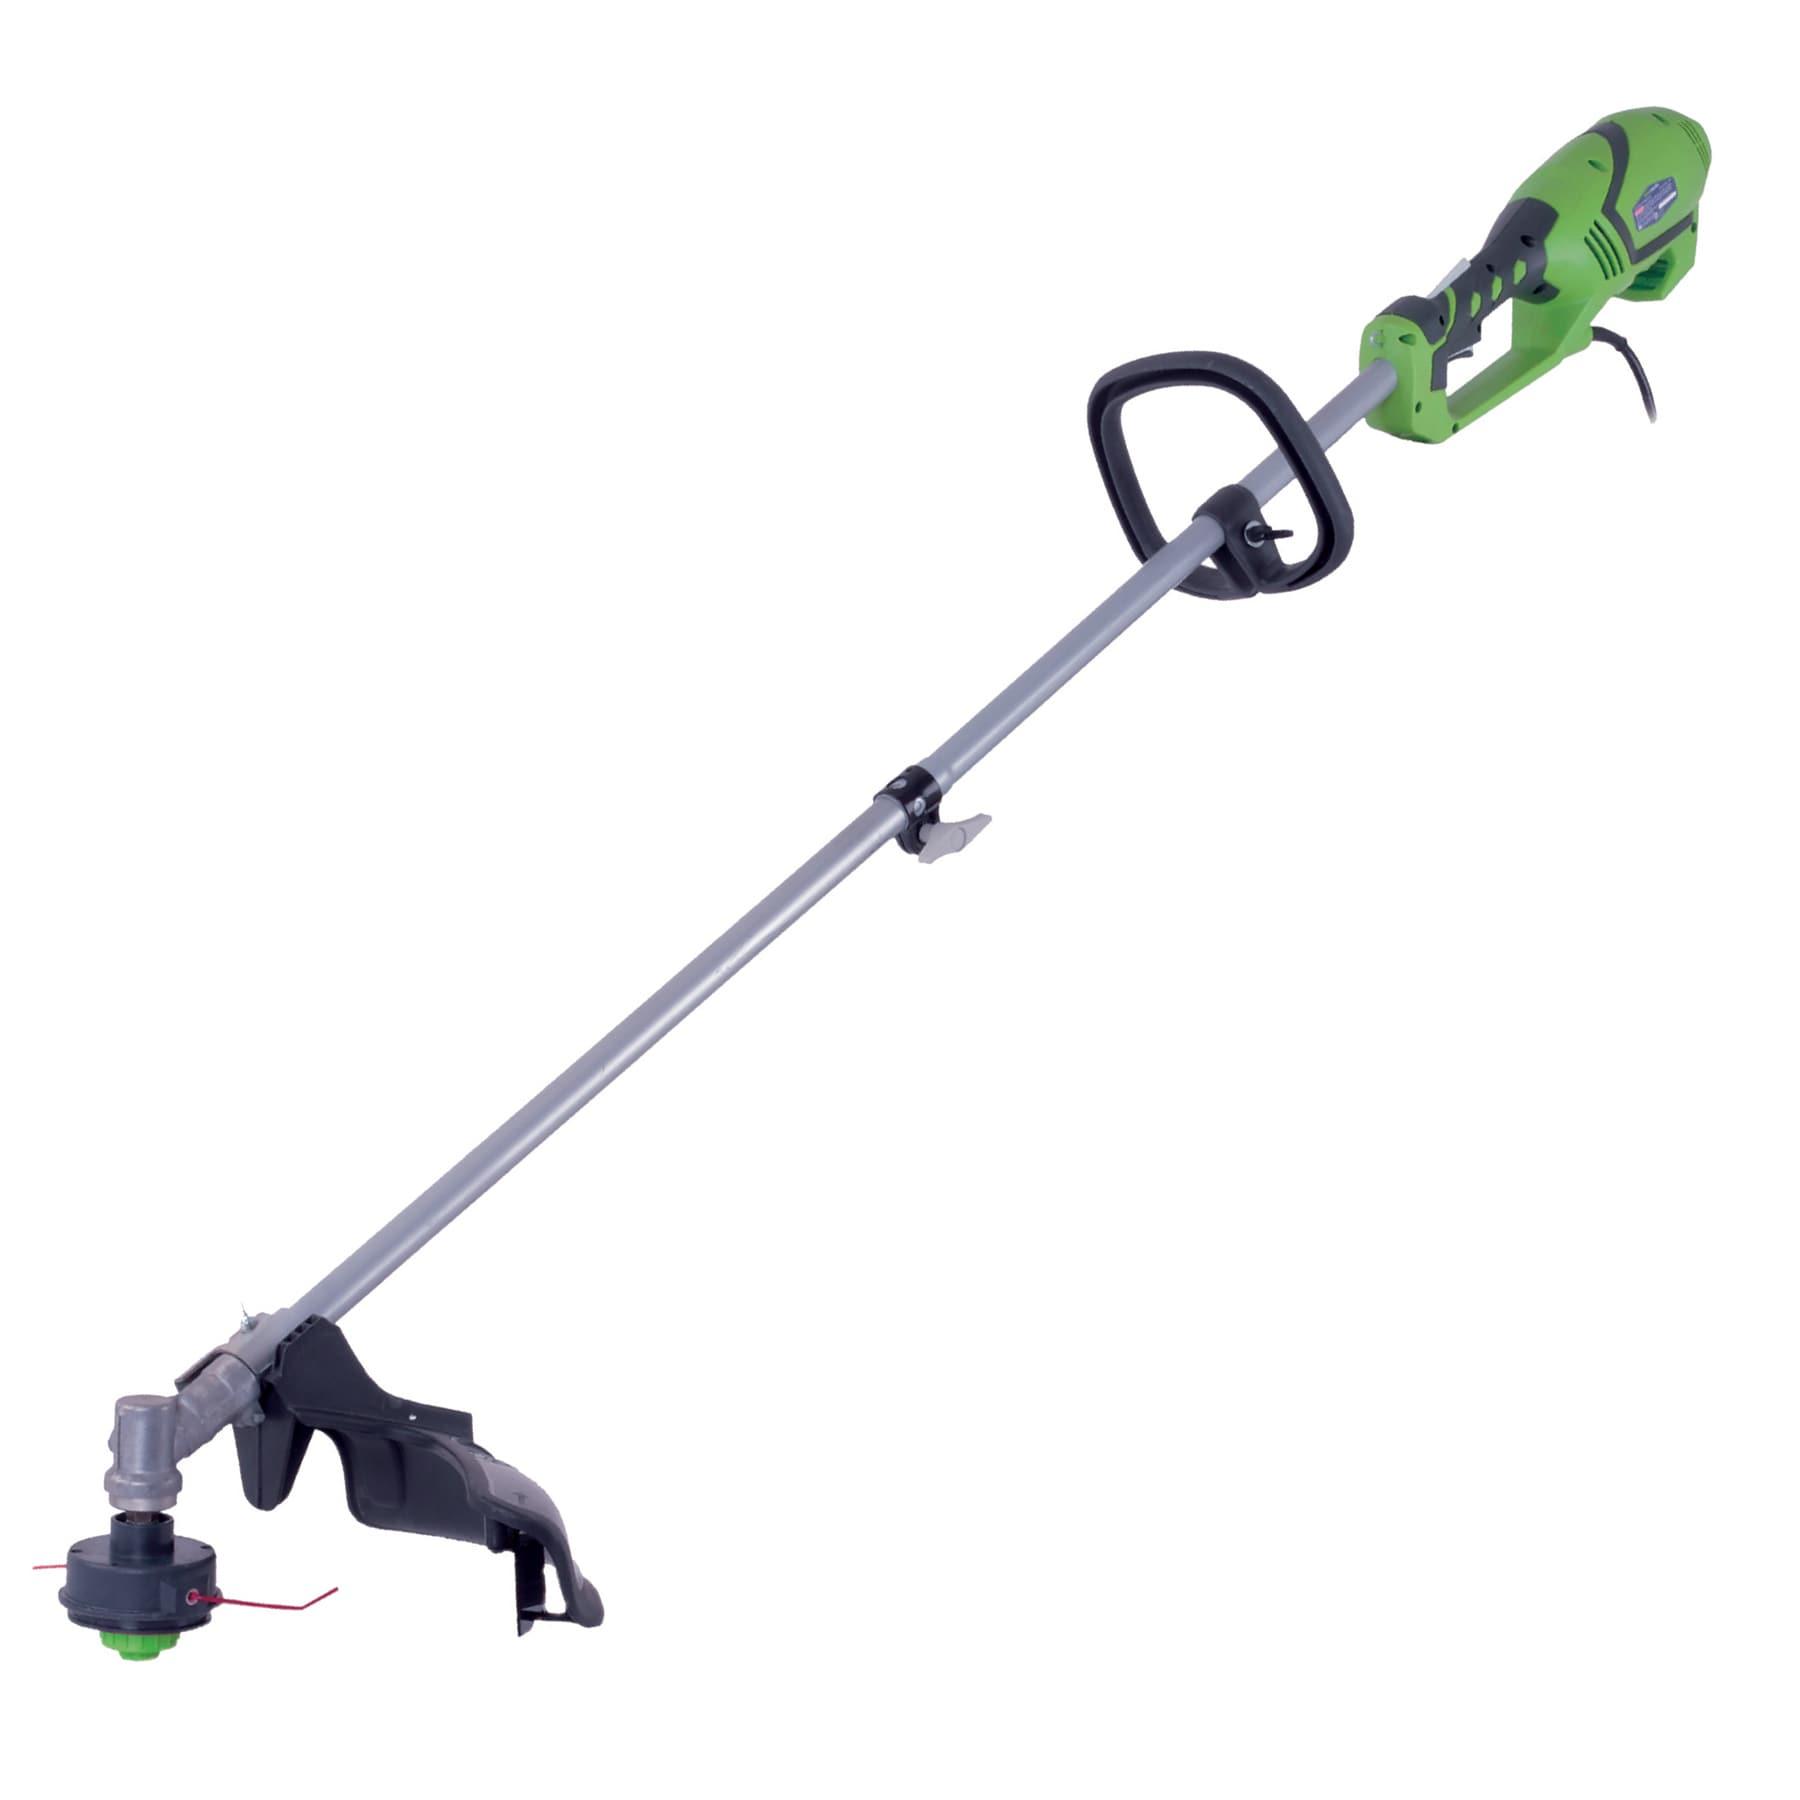 Greenworks 10A 18-inch Corded String Trimmer (GreenWorks ...